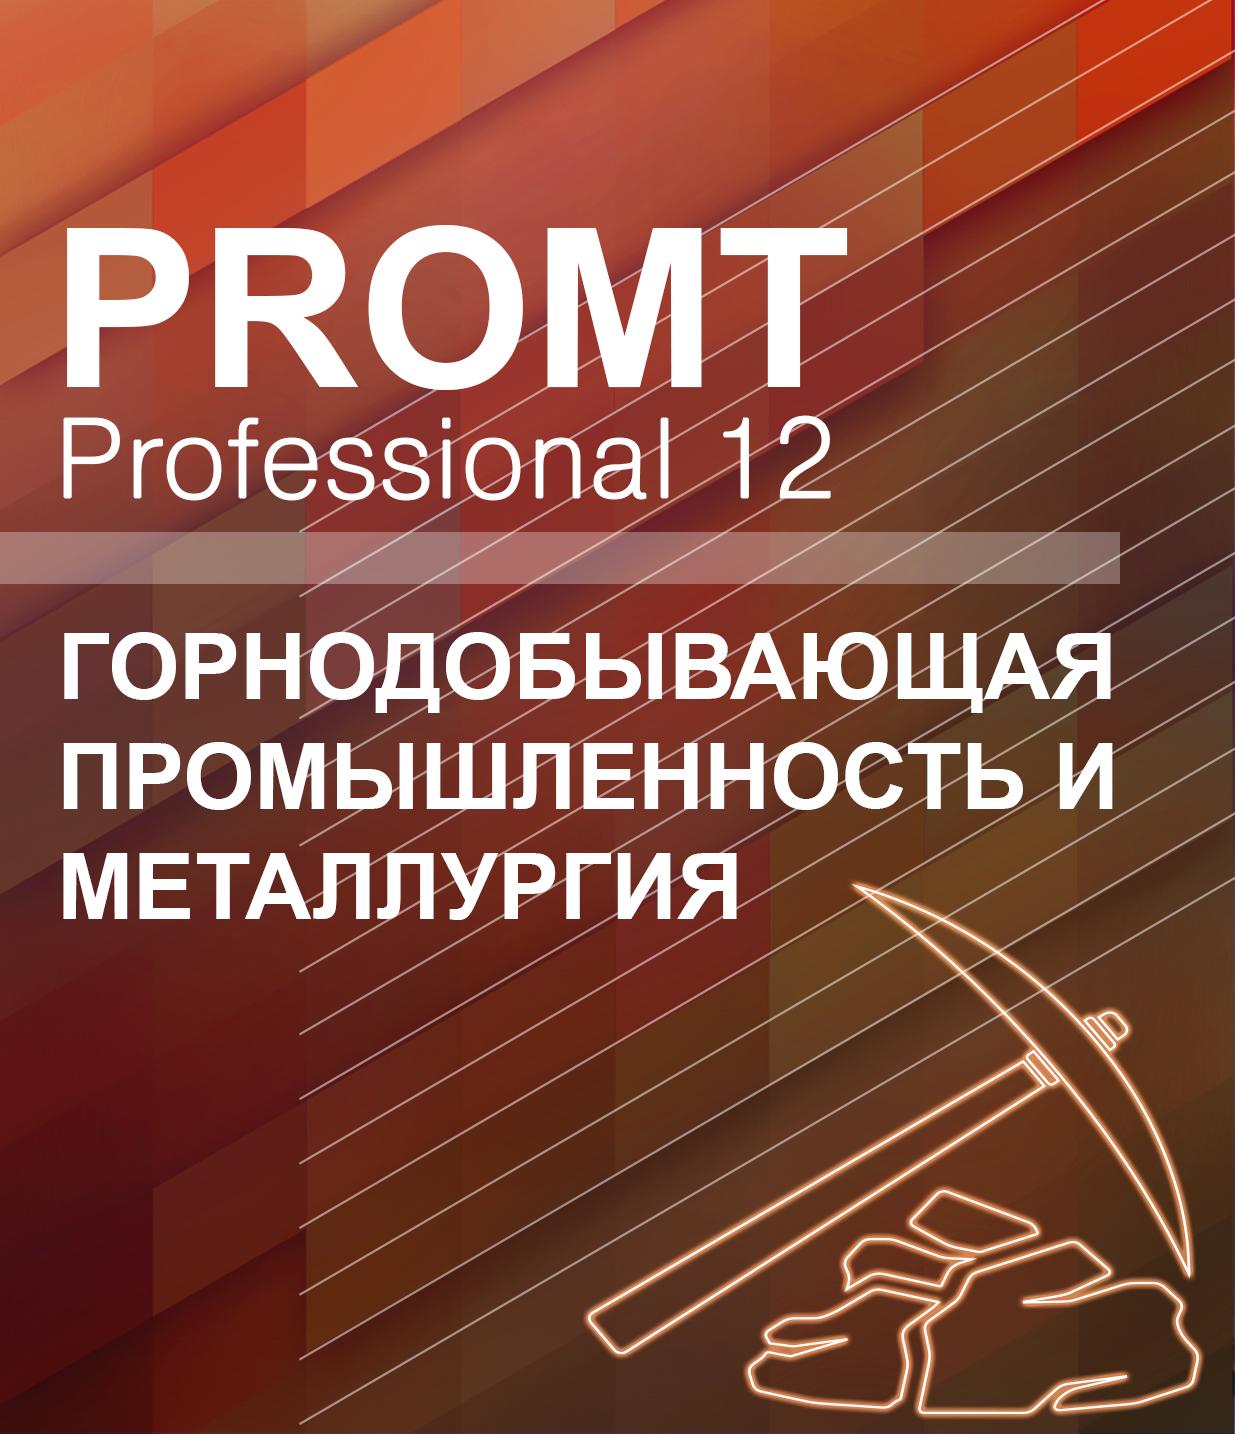 PROMT Professional Горнодобывающая промышленность и металлургия